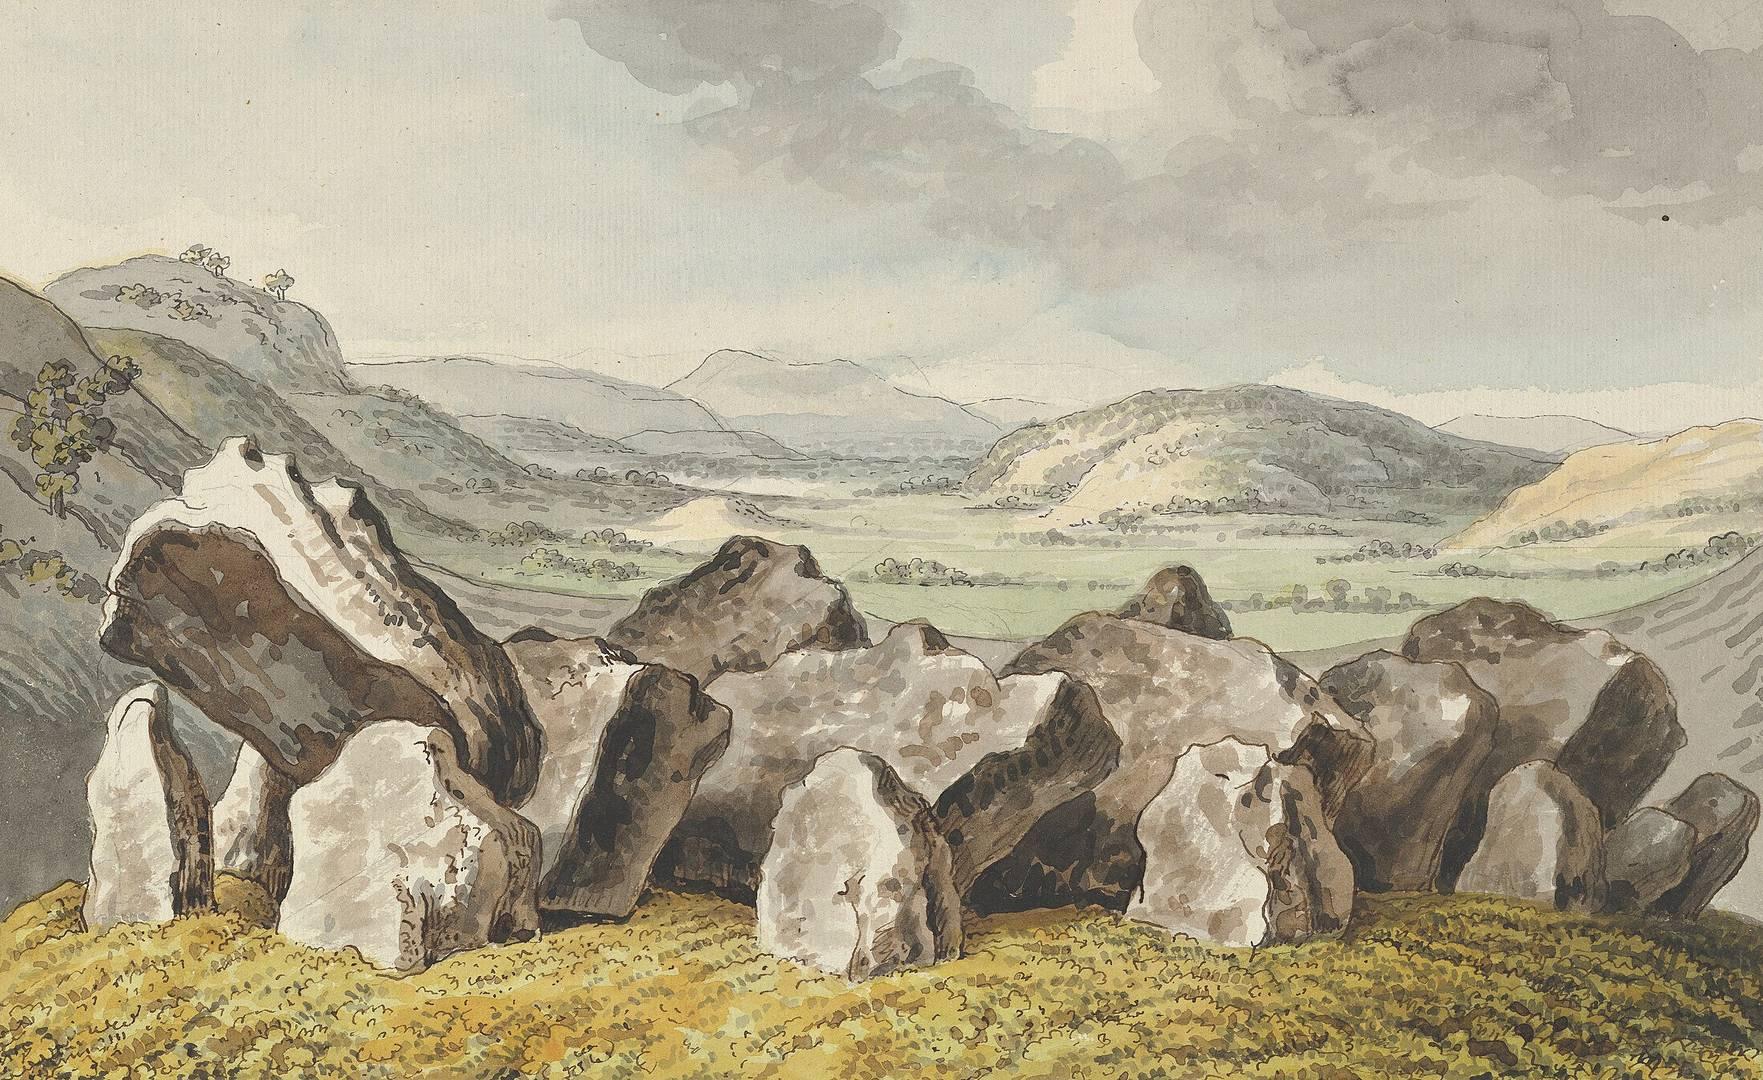 Иоганн Генрих Вильгельм Тишбейн. Доисторический каменный круг на кургане, широкий пейзаж позади. Середина XVIII — начало XIX вв.